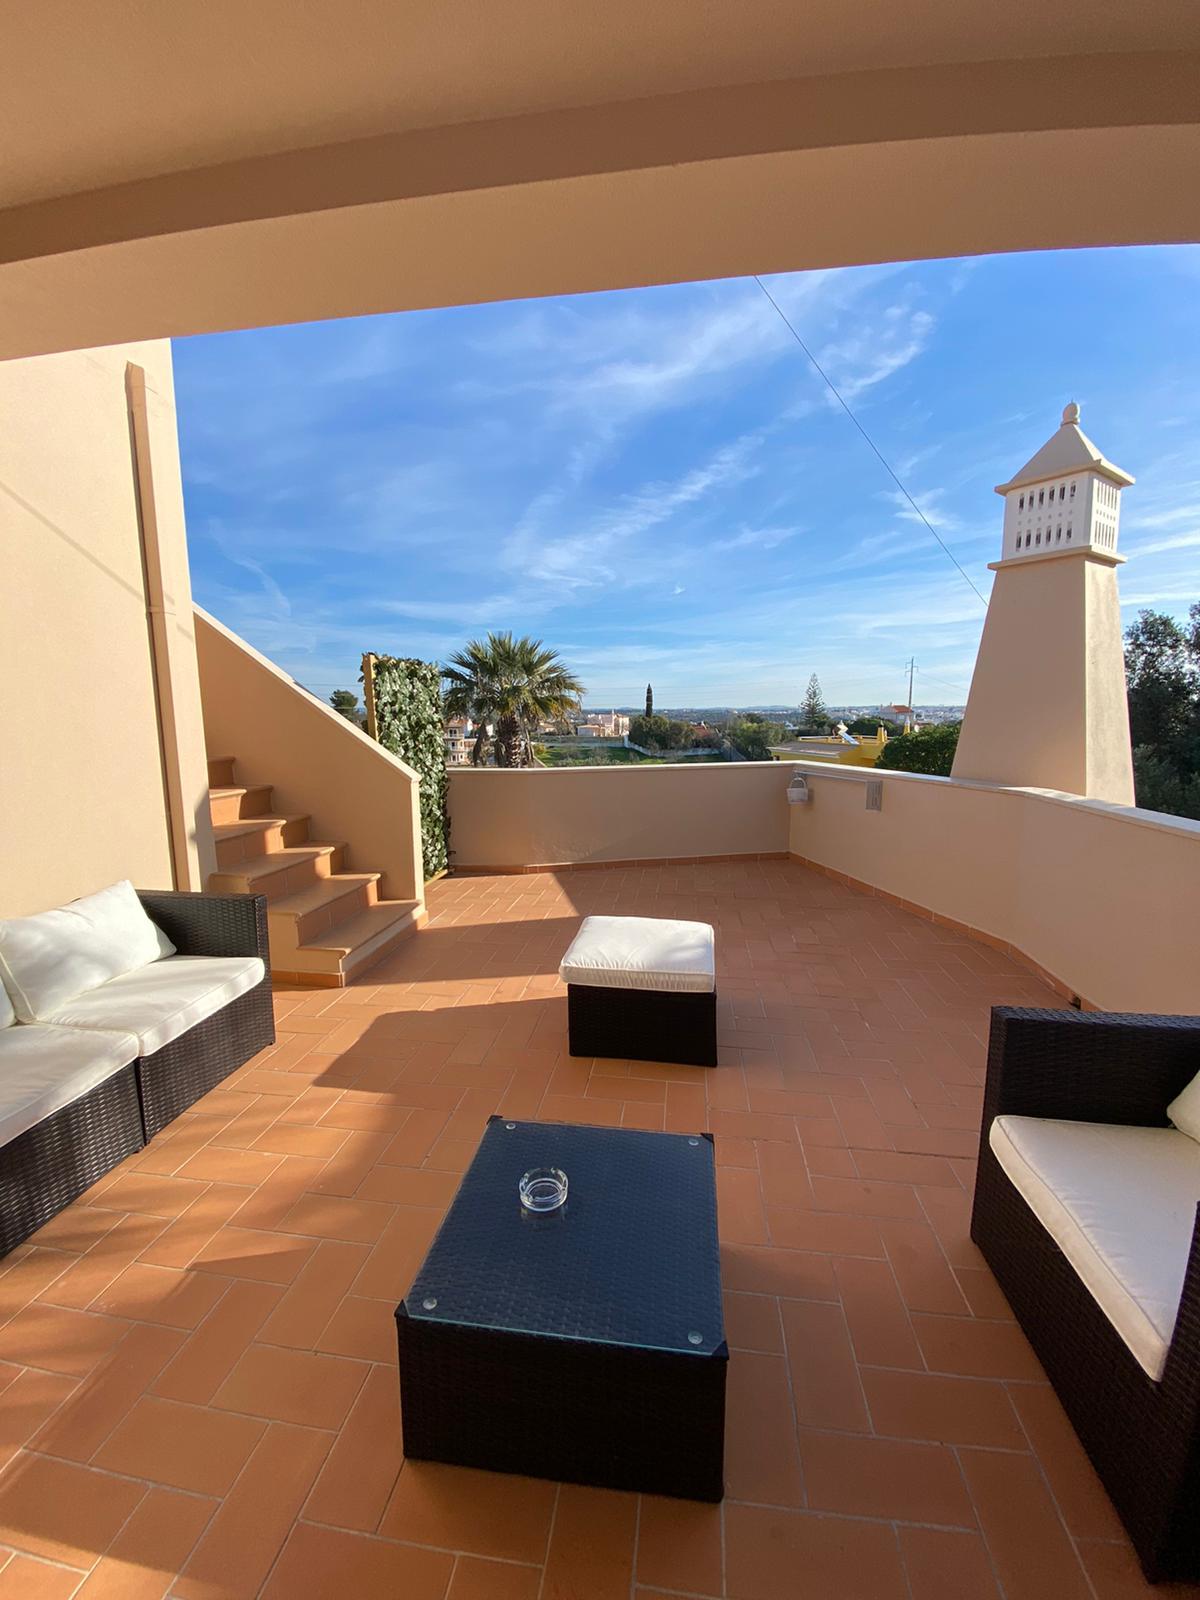 Location appartements et villas de vacance, Villa L'Estaque , chambres d'hôtes à Armação de Pêra, Portugal Algarve, REF_IMG_15648_15657